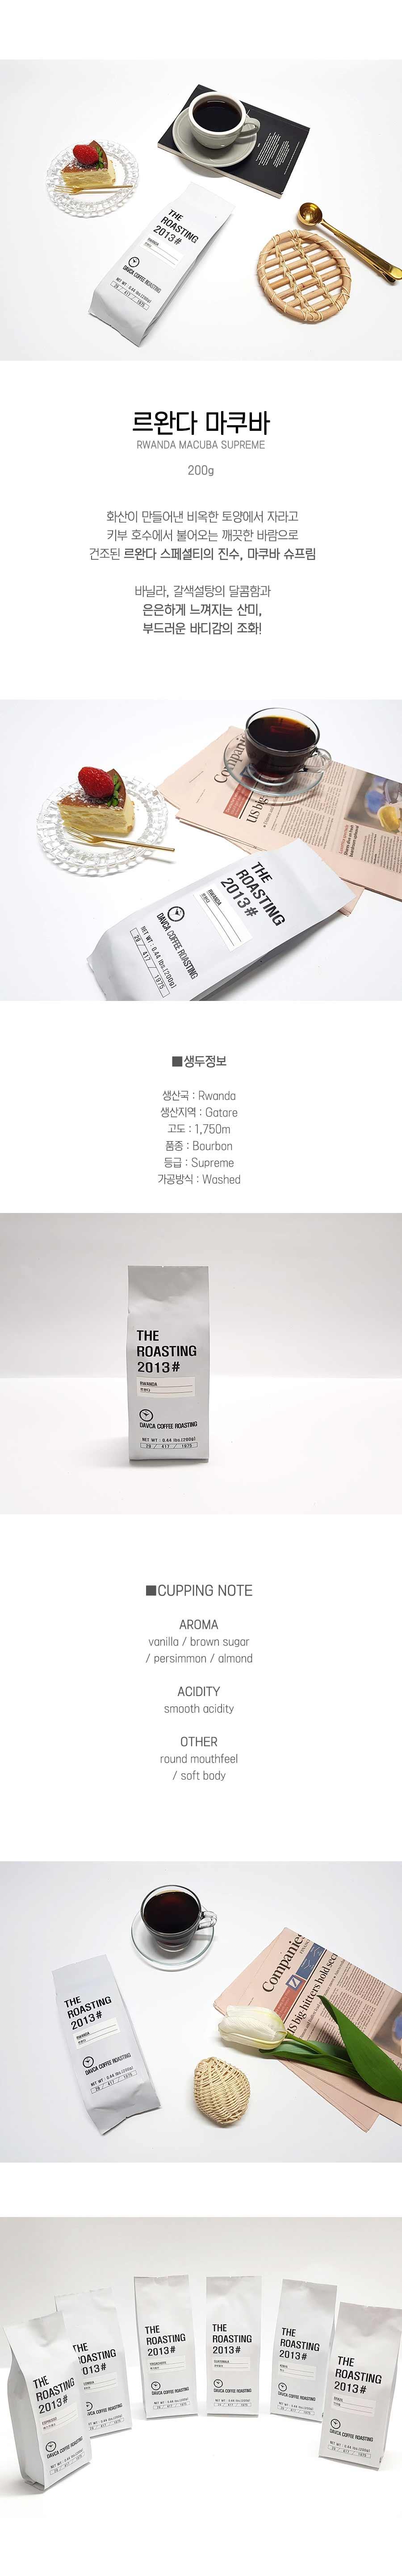 당일로스팅원두 맛있는핸드드립커피홀빈가루 선물용 르완다 200g - 다브카커피, 12,900원, 커피, 원두커피